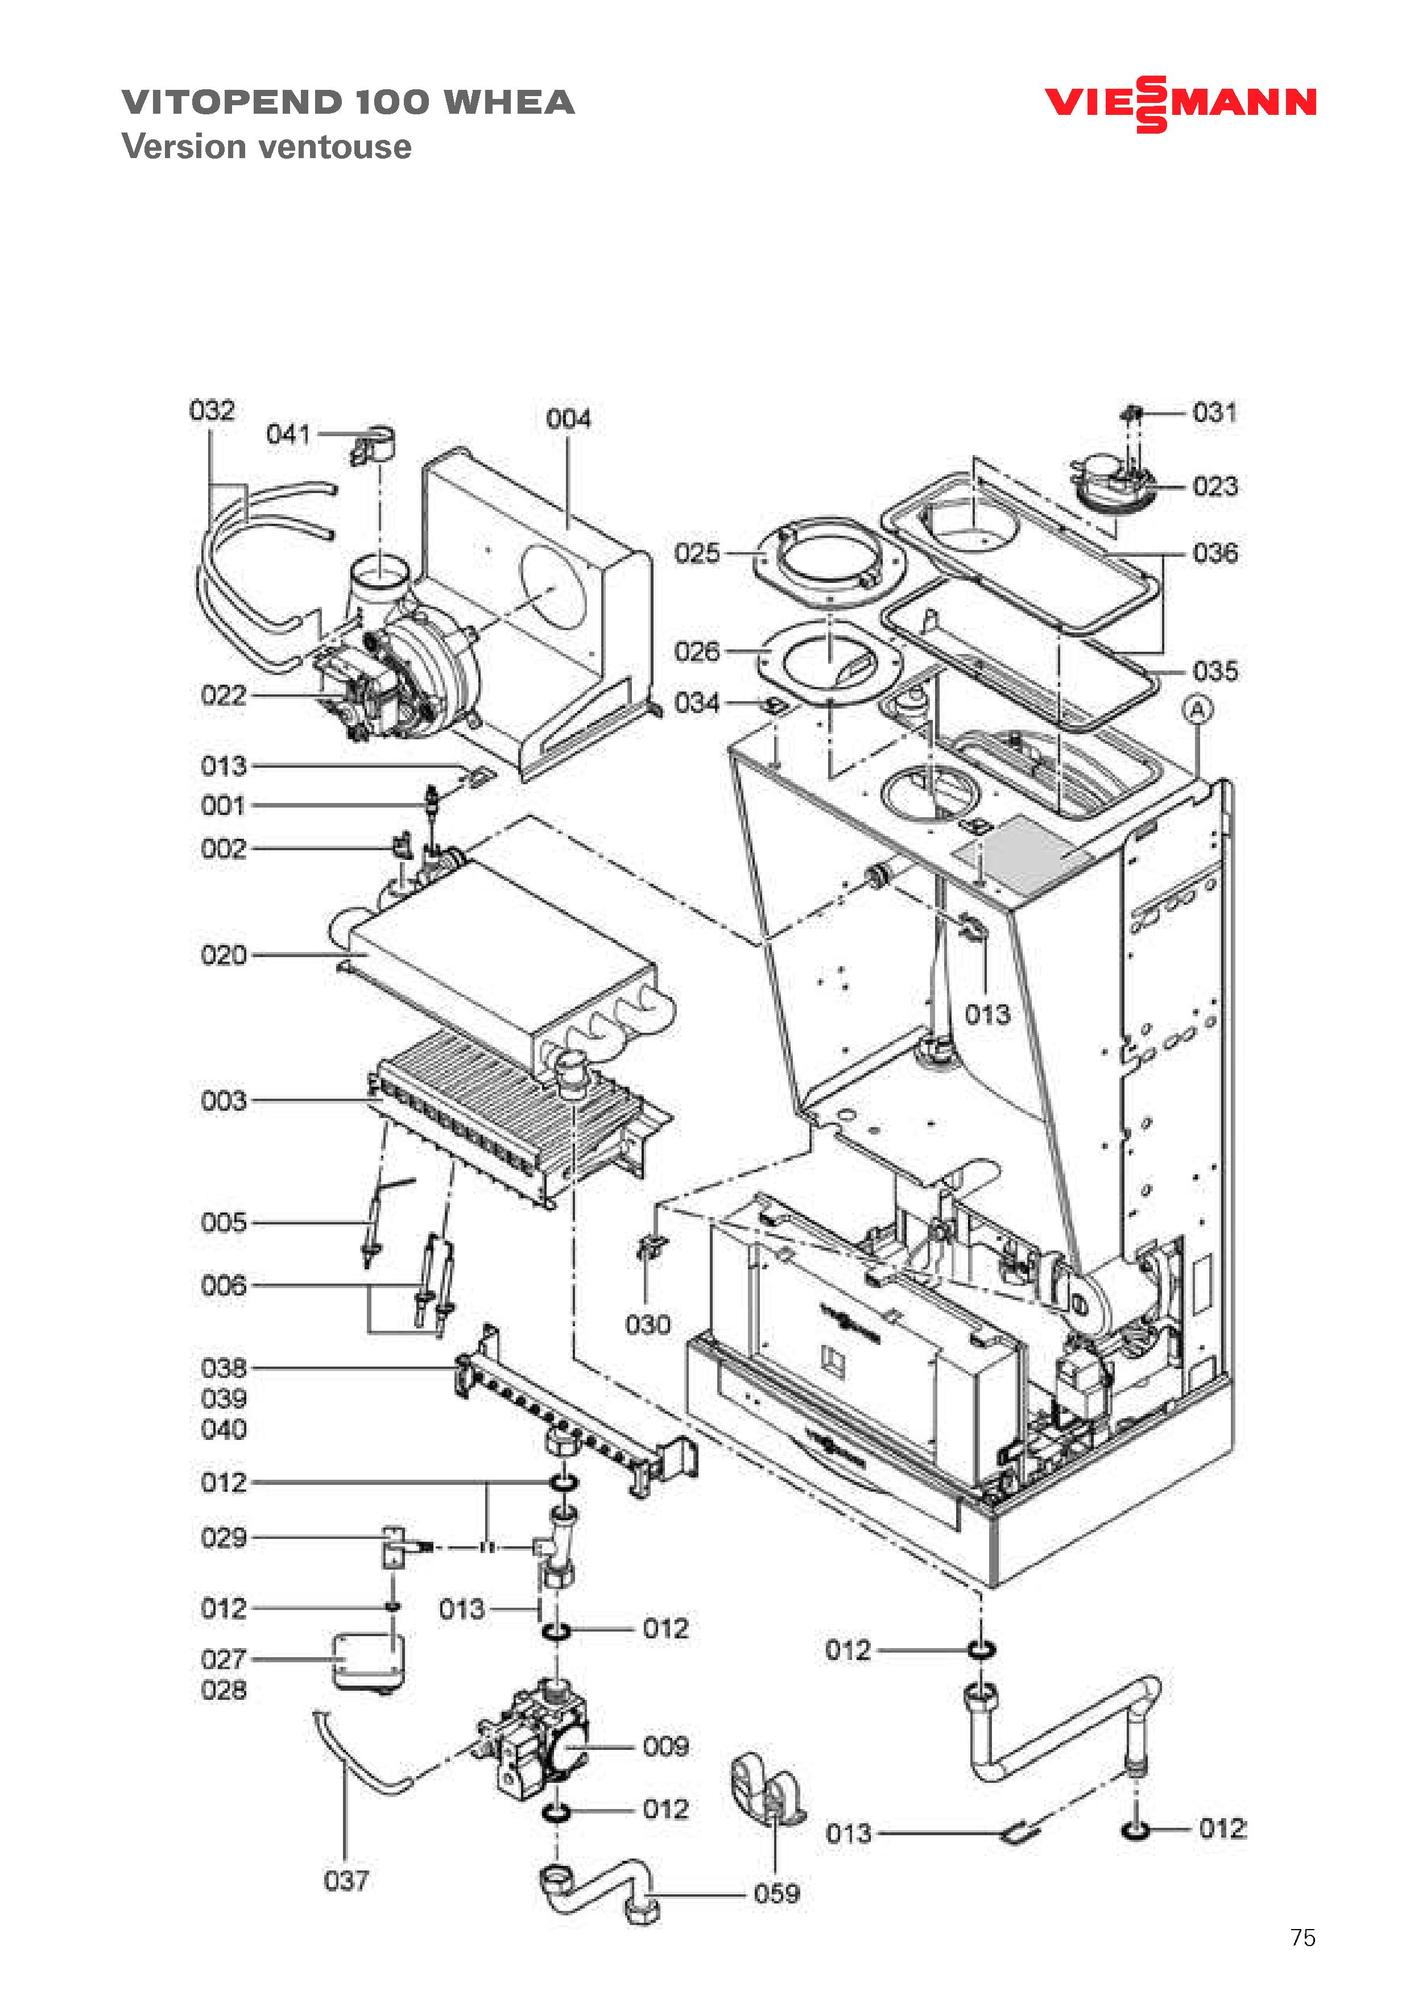 recherche directe dans la vue clat e de l 39 article viessmann pressostat gaz nat e 7822868 par. Black Bedroom Furniture Sets. Home Design Ideas